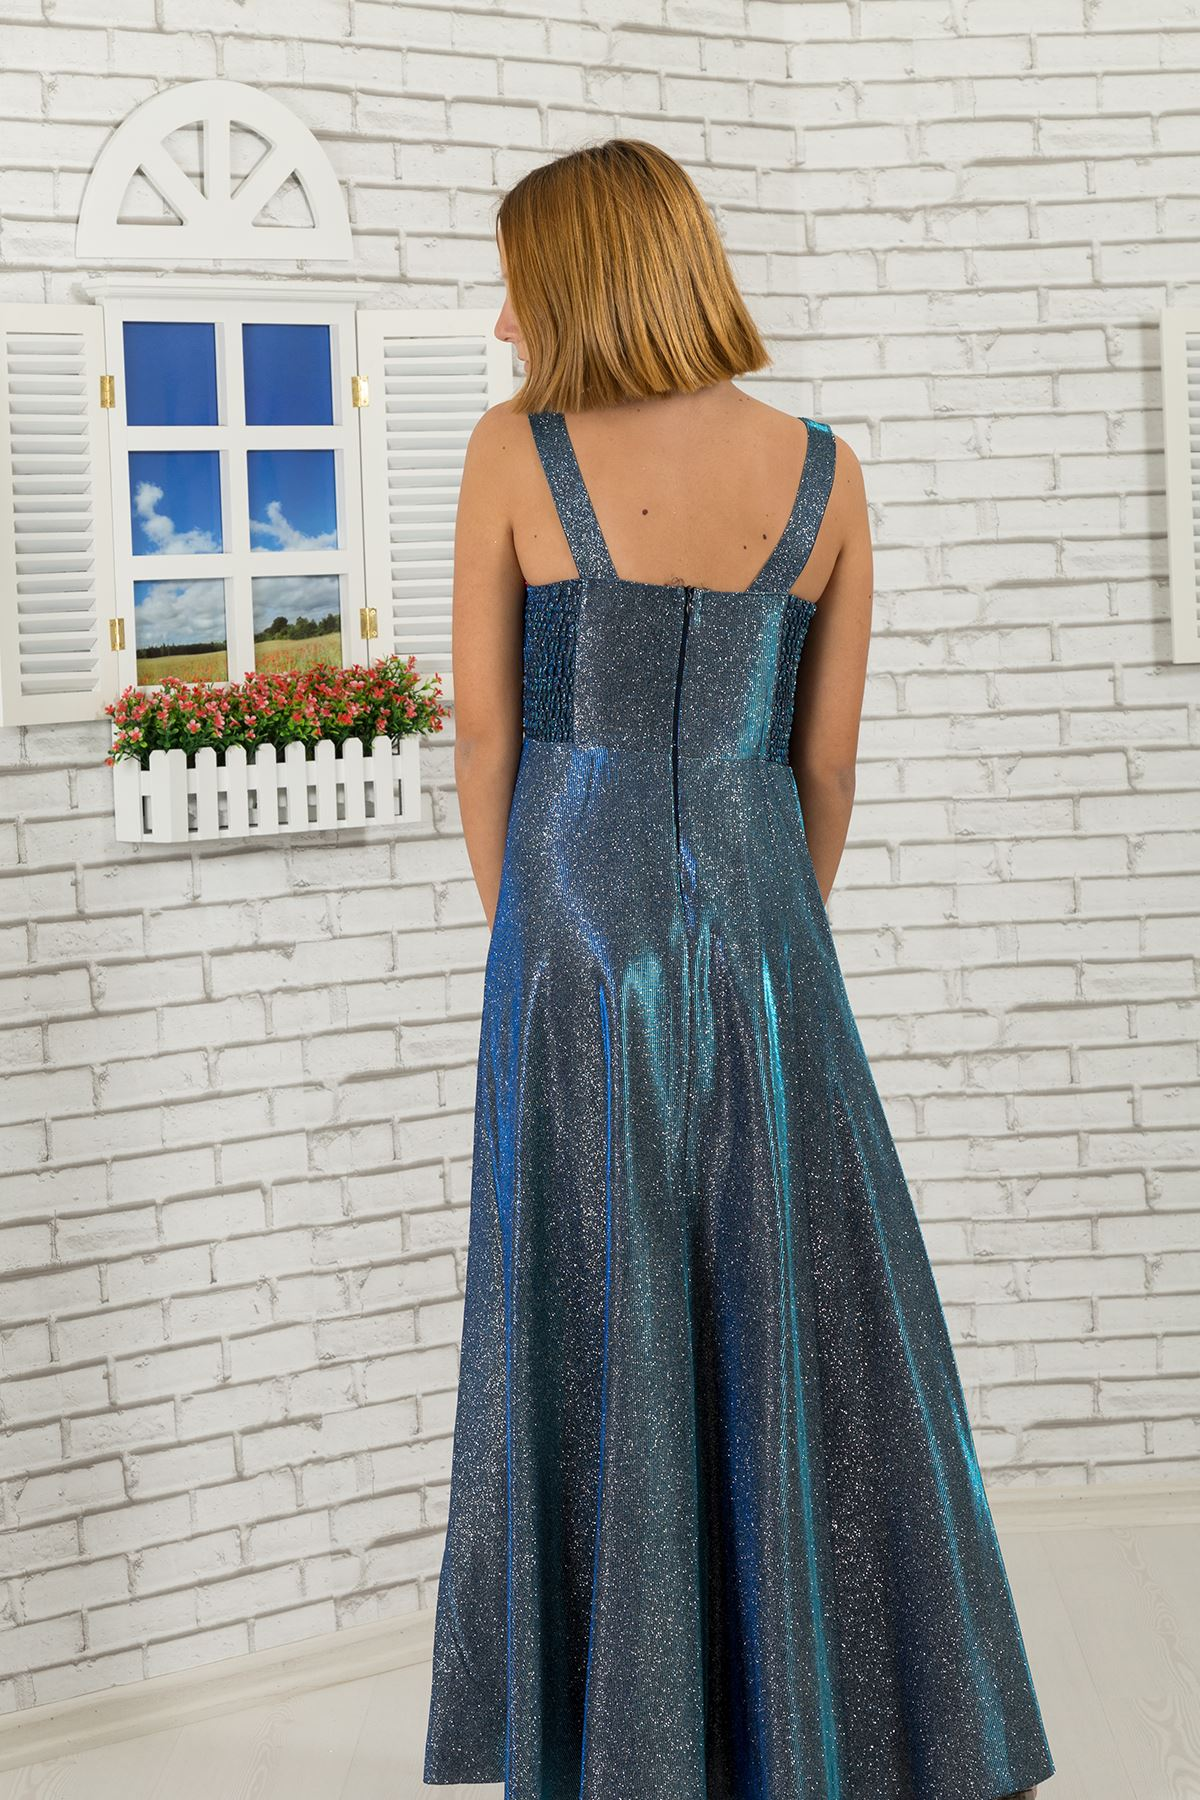 Waist detailed, silvery fabric girl children evening dress 479 Parliament